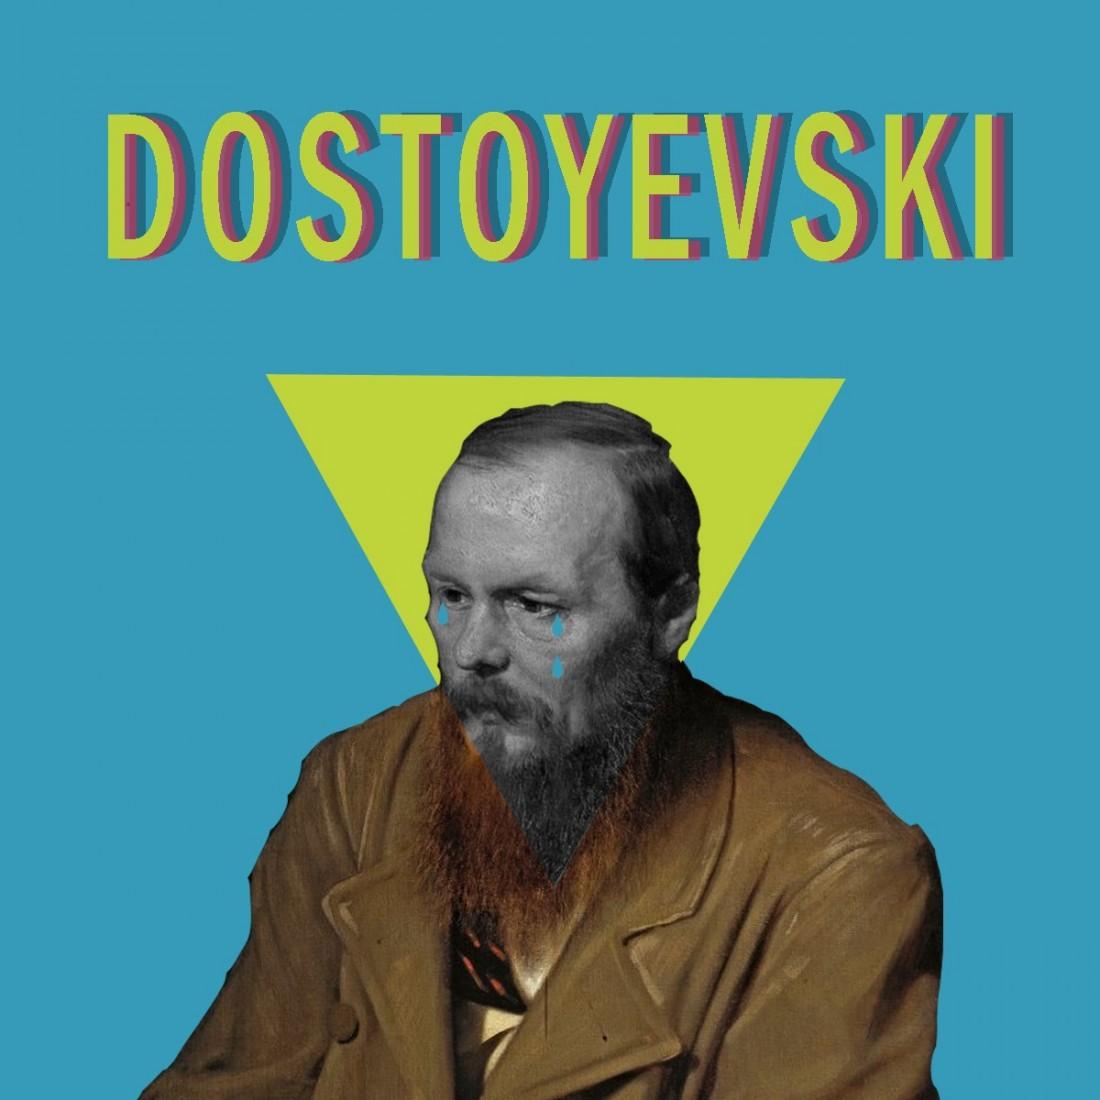 DOSTOYEVSKI LLORA